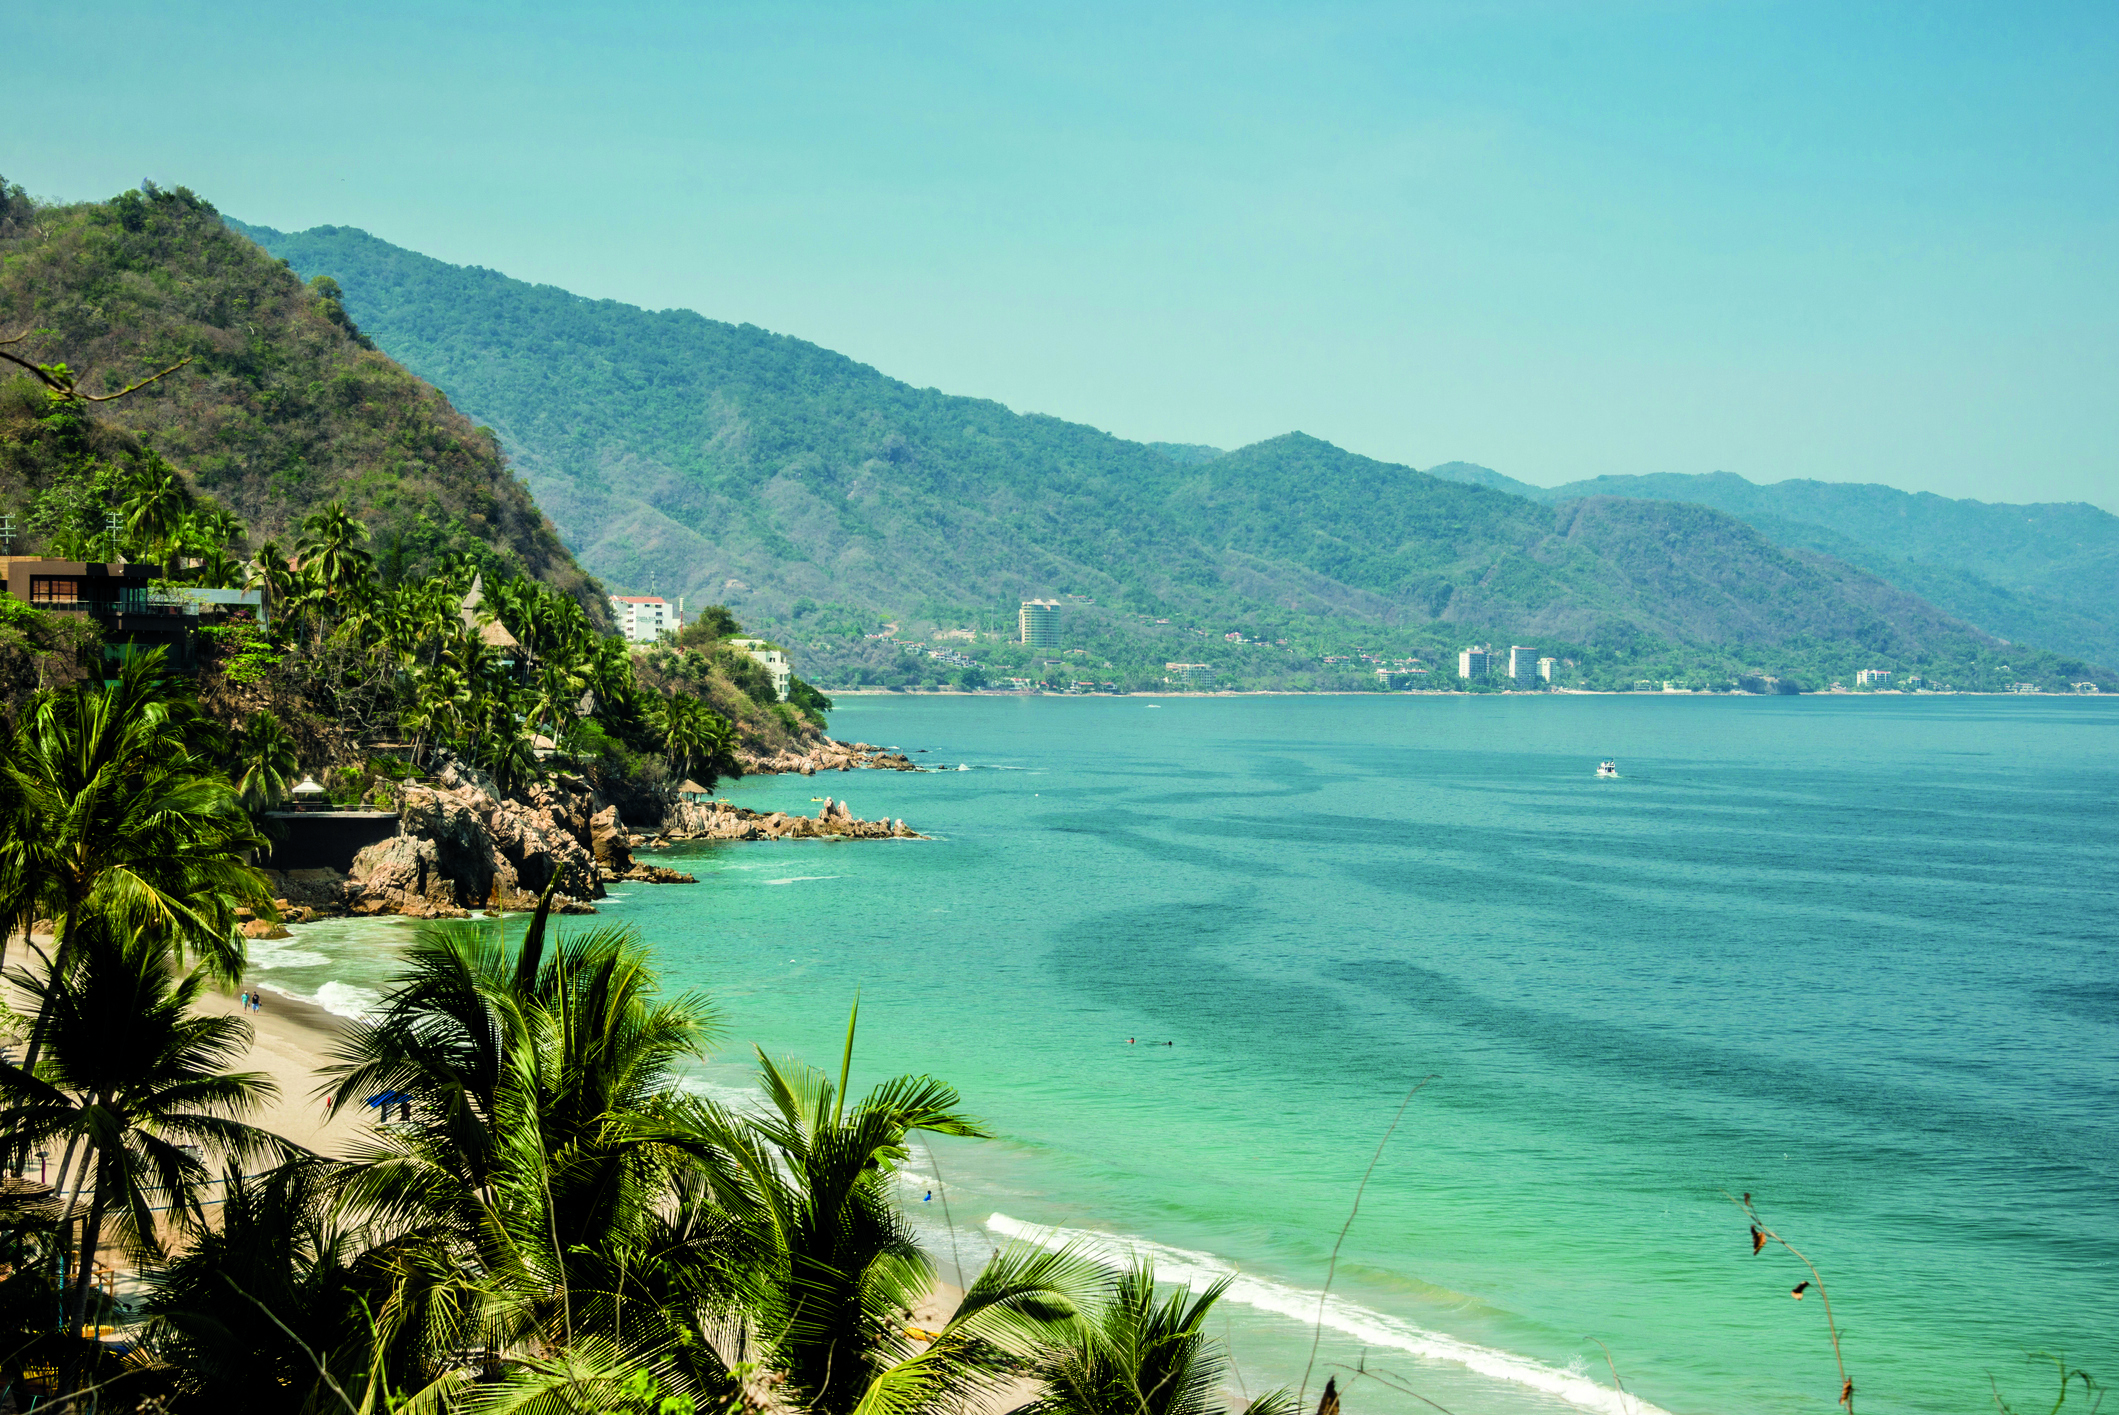 beach-at-puerto-vallarta